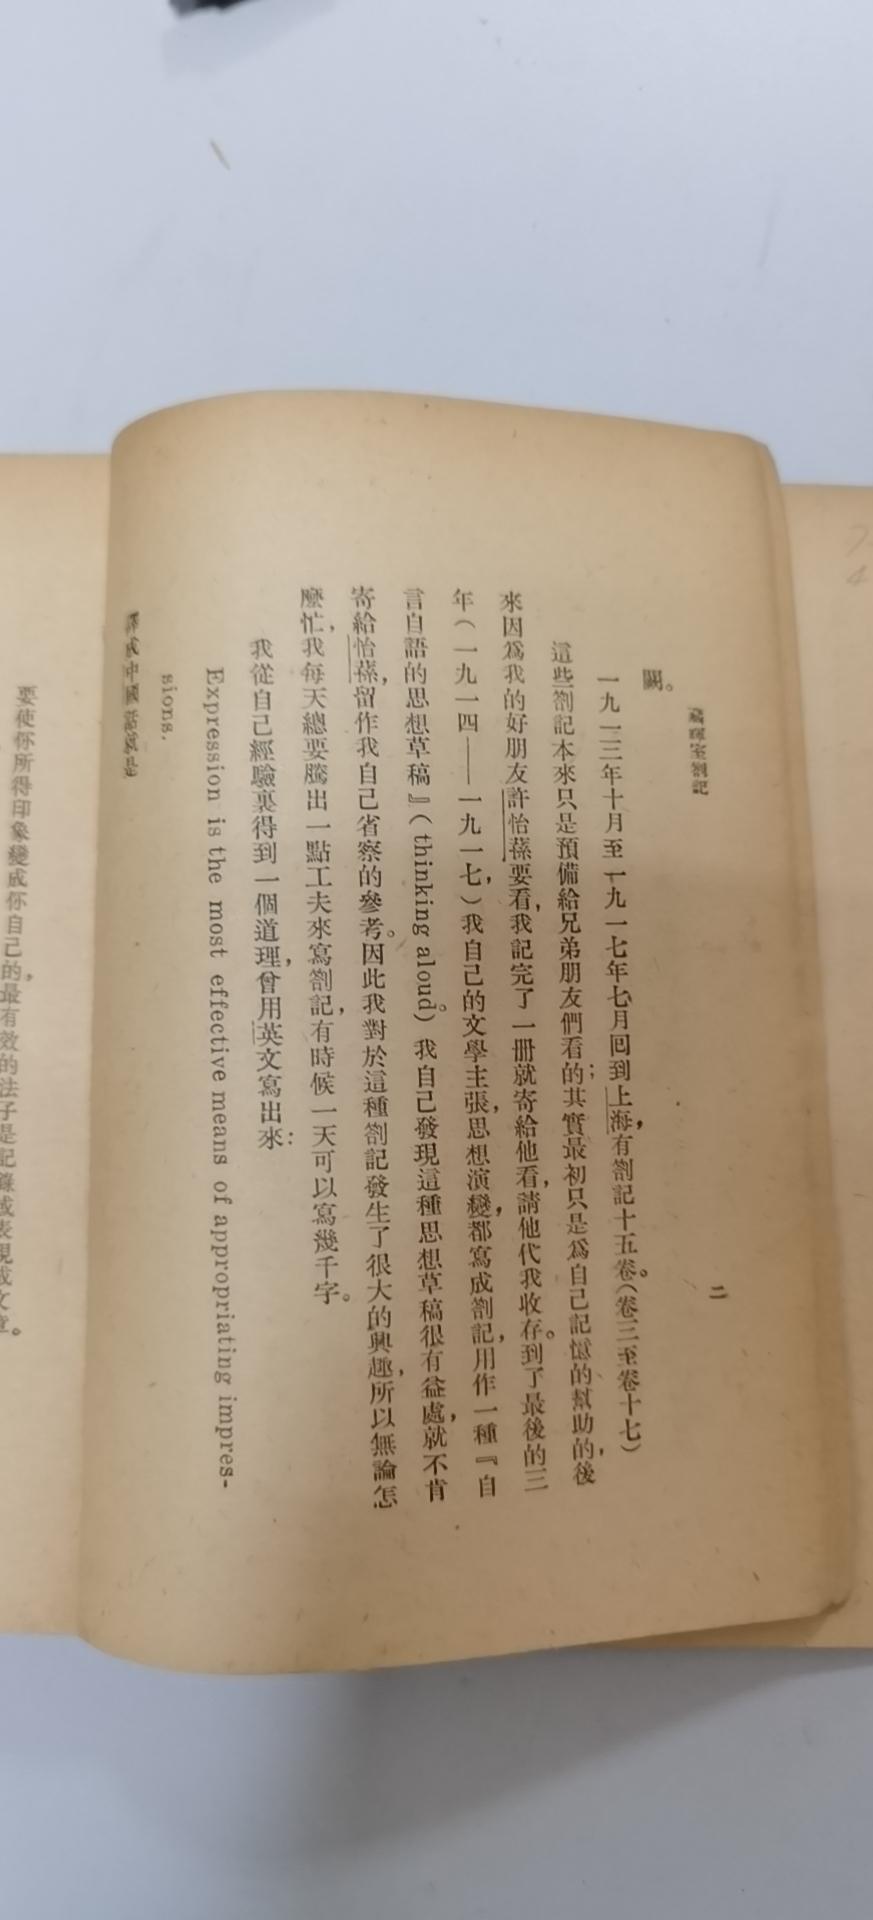 胡适手稿拍出天价嫡孙主张继承权,专业人士:需证拍品属遗产